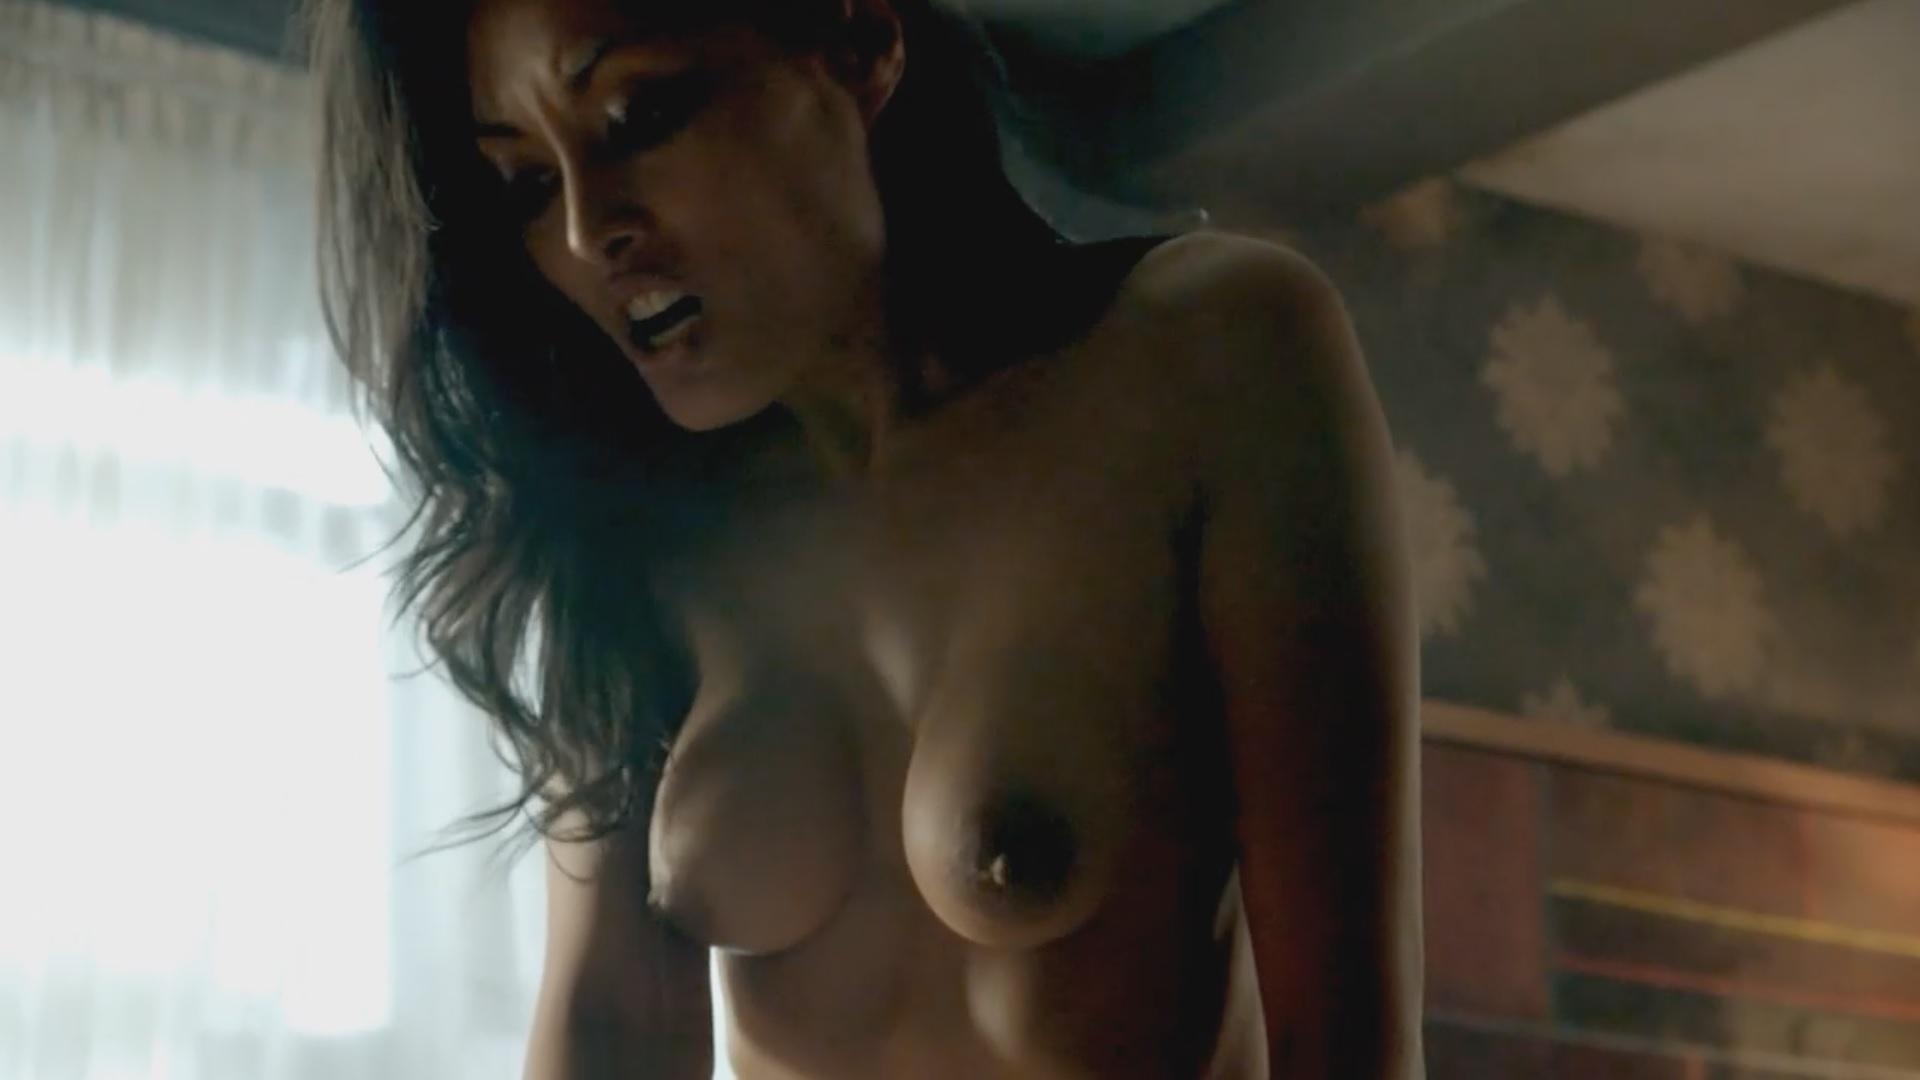 Teen nude outdoor-6259